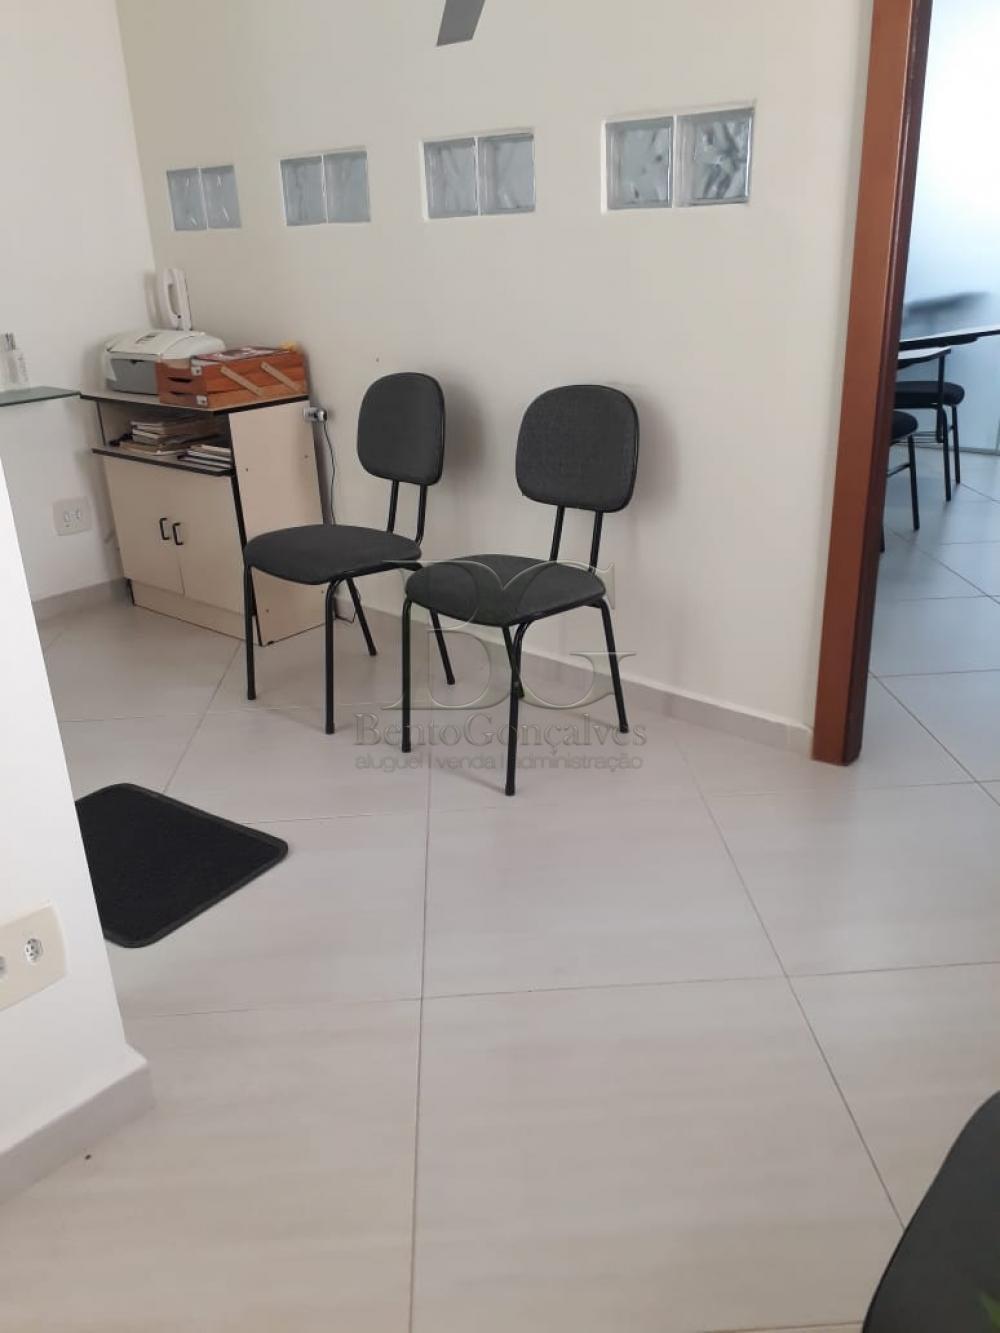 Comprar Comercial / Sala Comercial em Poços de Caldas apenas R$ 250.000,00 - Foto 6